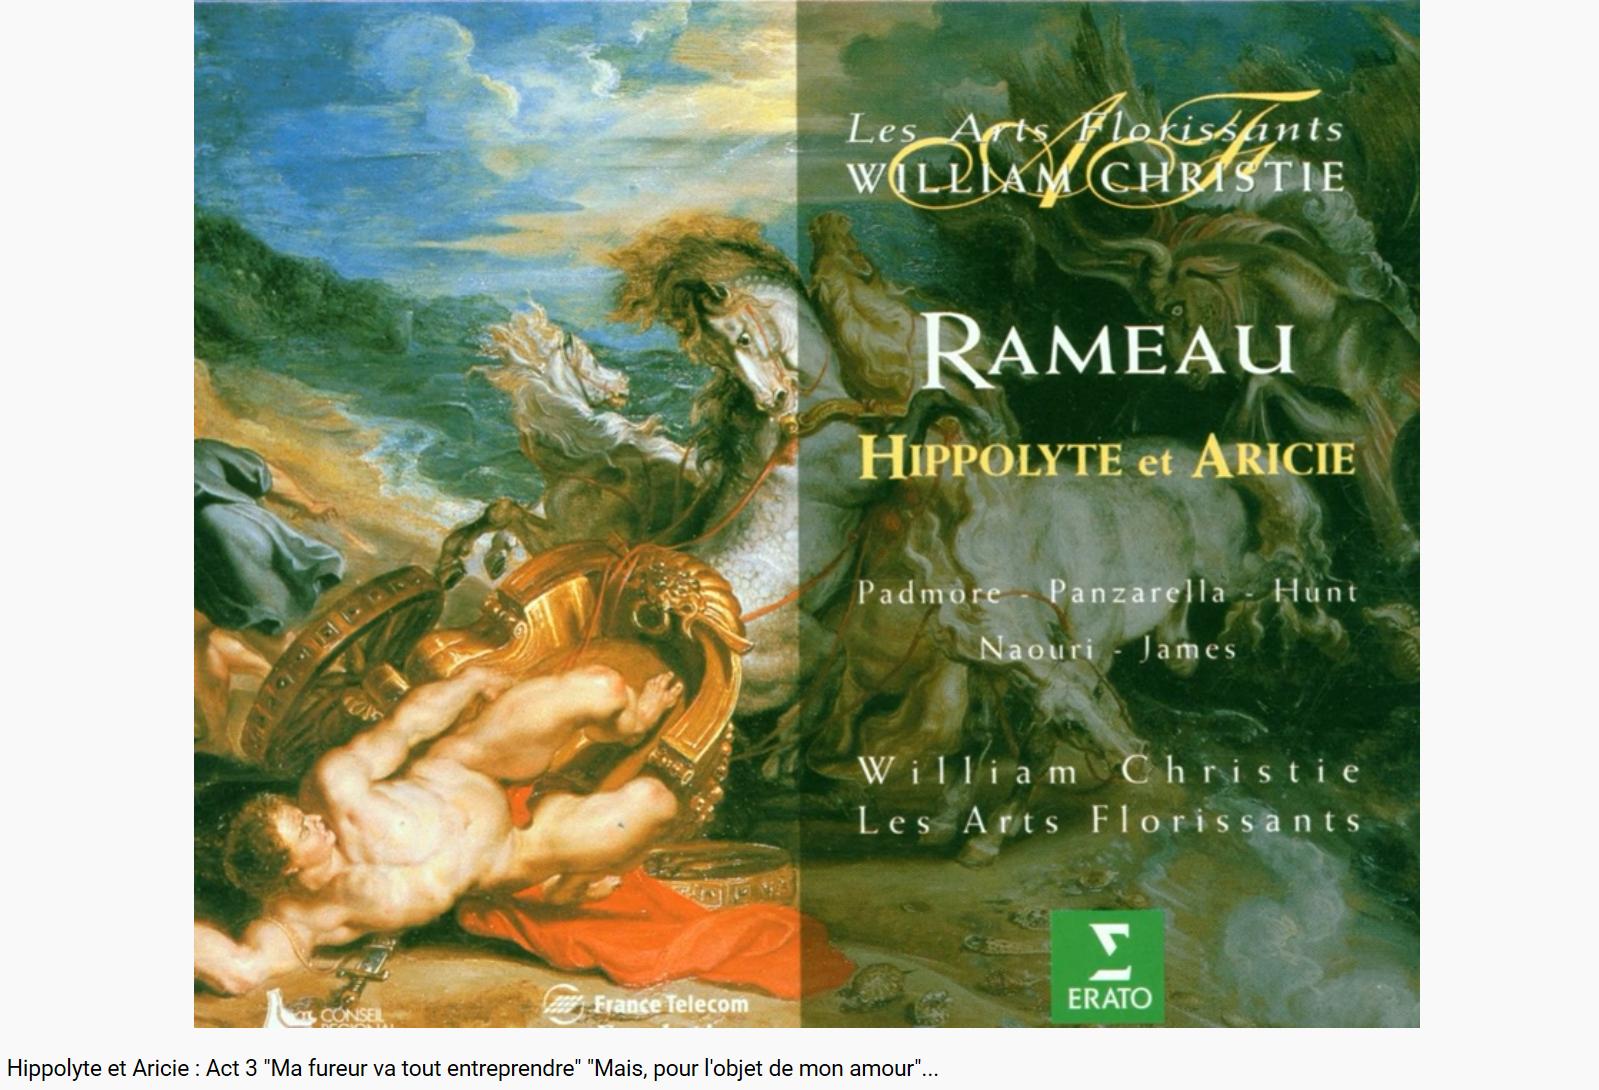 Rameau Hippolyte et Aricie final Ma fureur va tout entreprendre